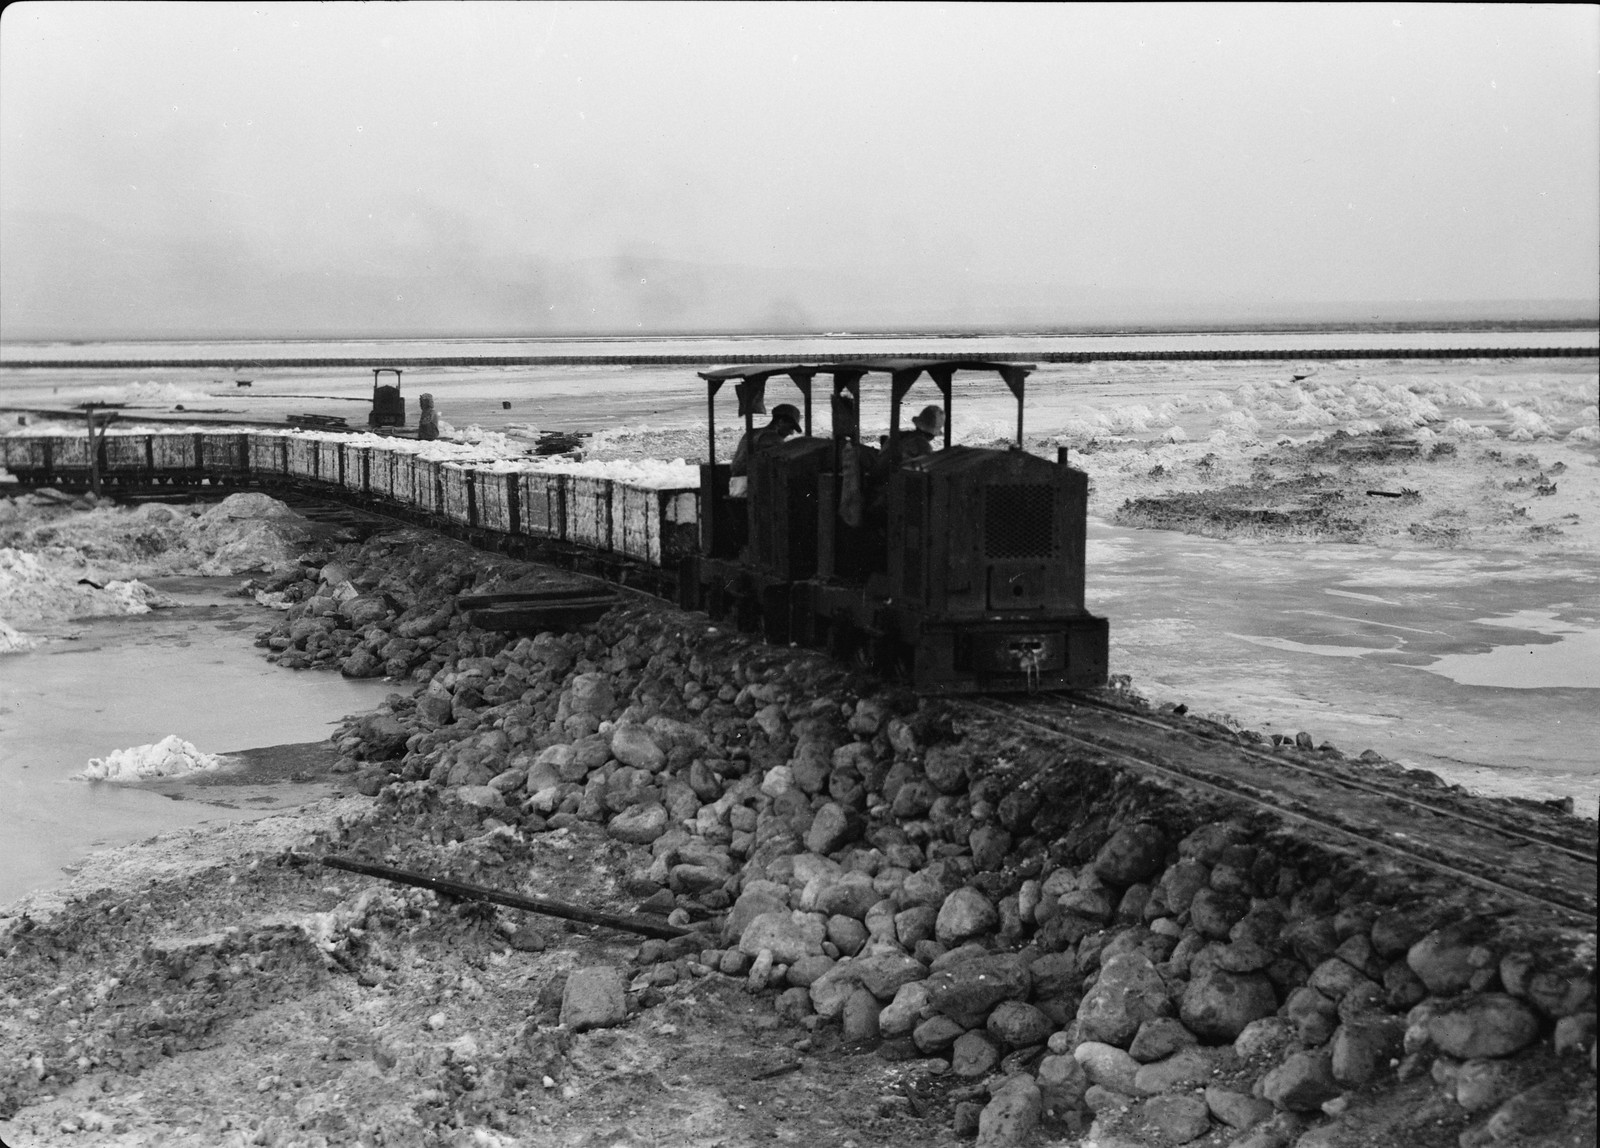 24. Поезд карналлита на первом этапе своего пути к европейскому рынку